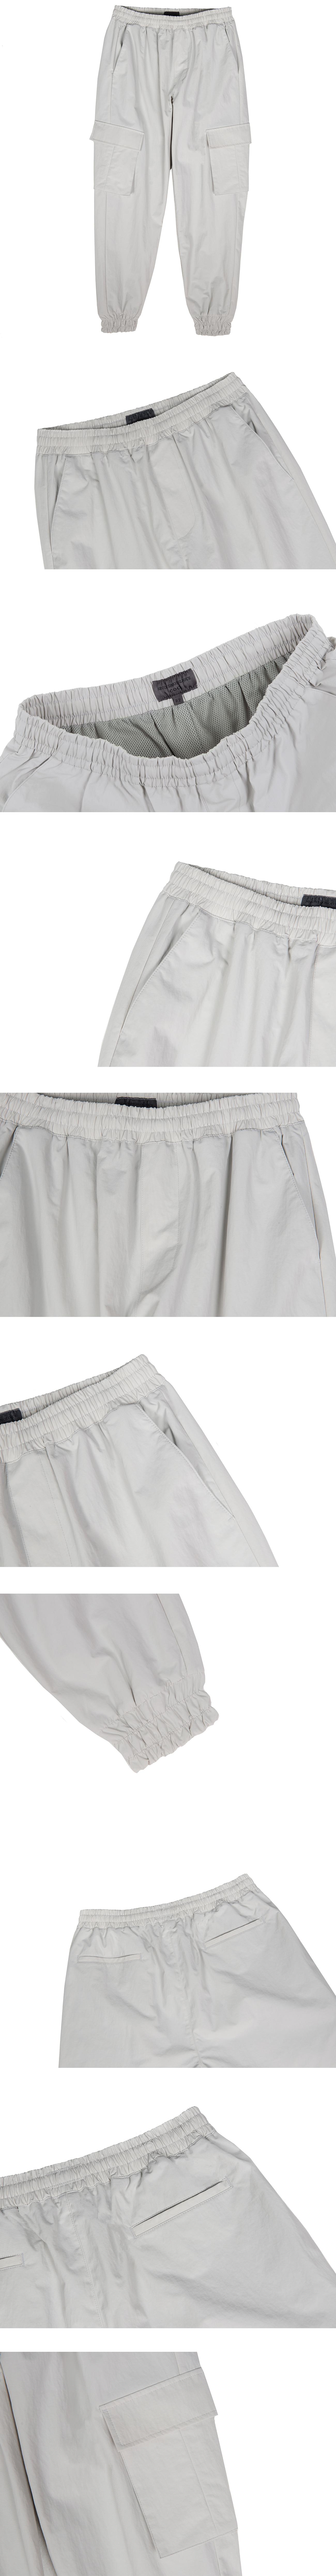 커스텀어클락(COSTUME O'CLOCK) 에센셜 나일론 카고포켓 조거 팬츠 라이트그레이